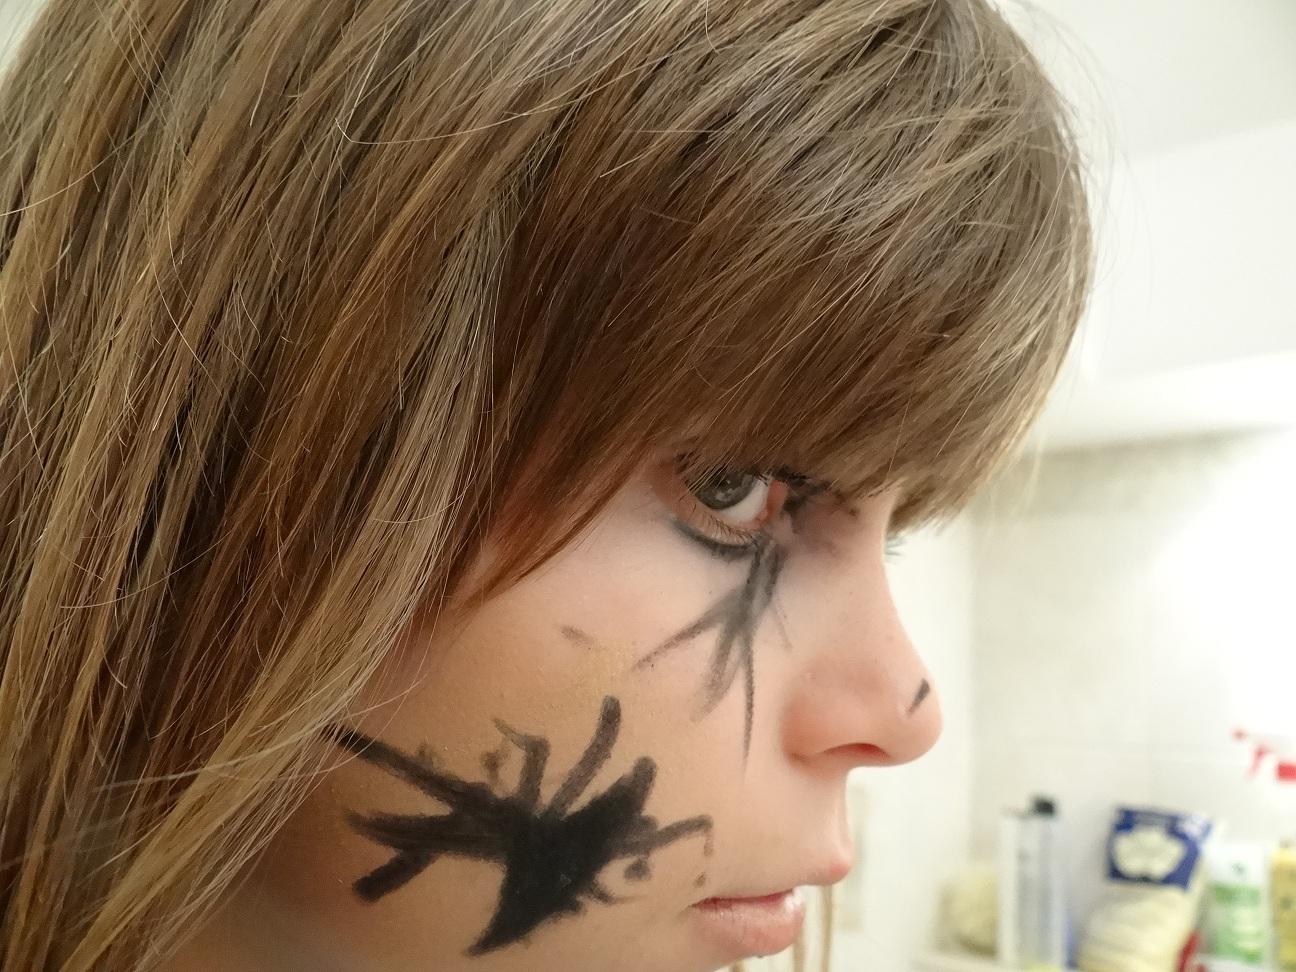 twarz dziewczynki pomalowana czarną kredką z profilu